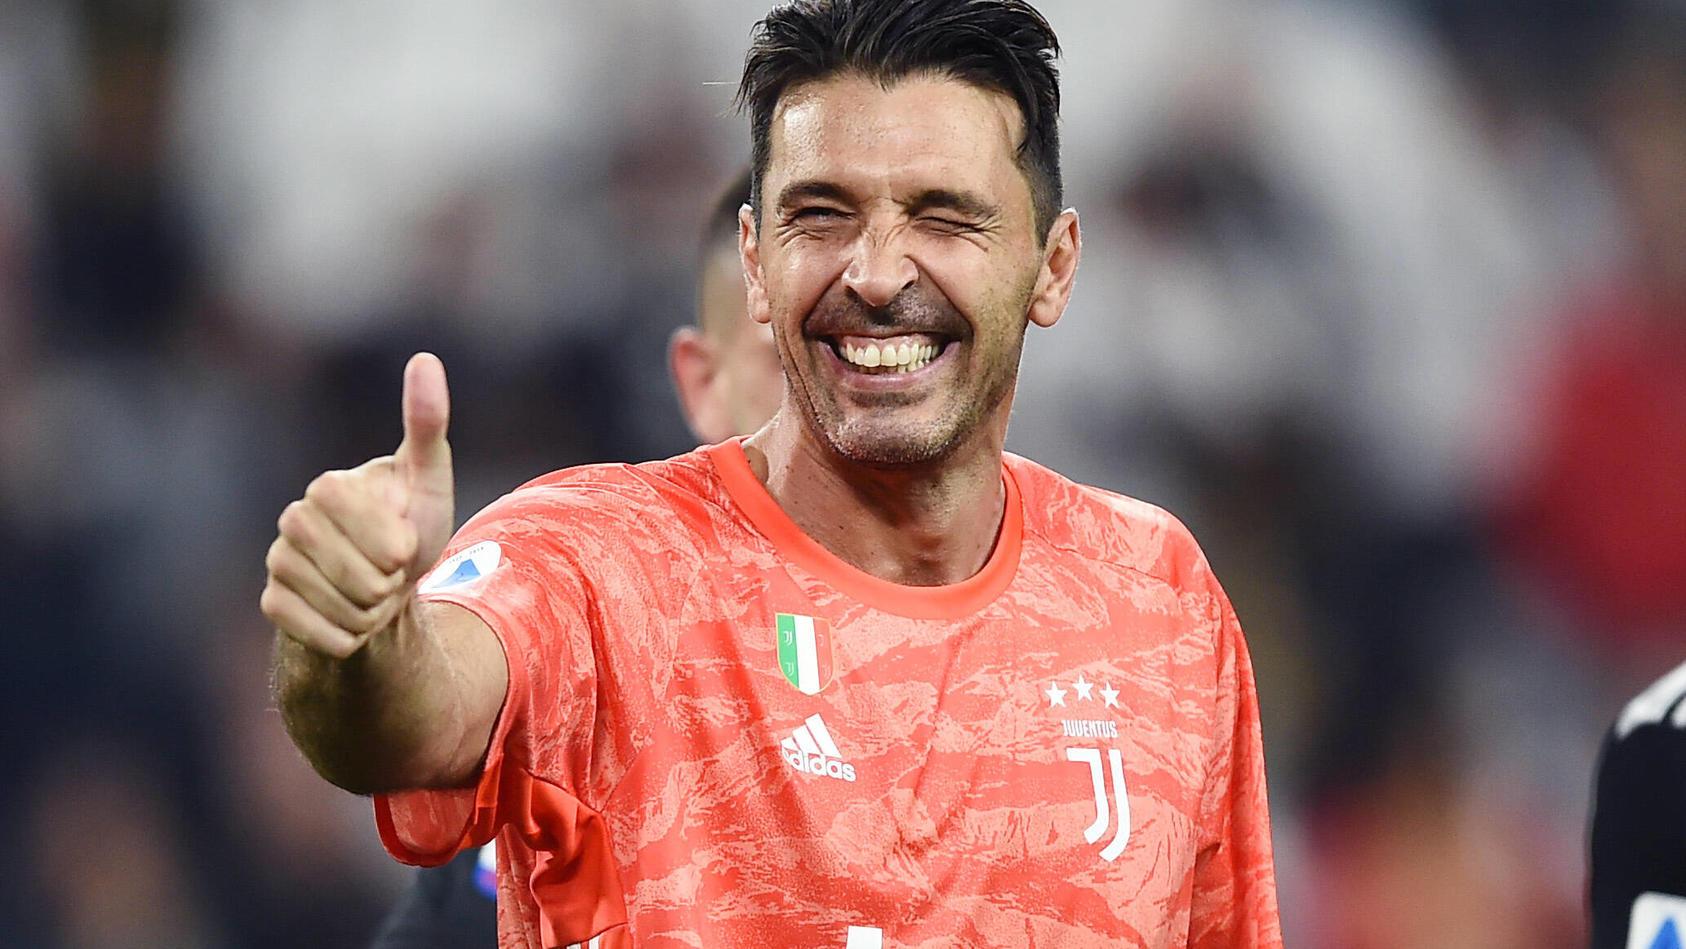 Bilder des Jahres 2019, Sport 09 September Sport Themen der Woche KW38 Db Torino 21/09/2019 - campionato di calcio seri